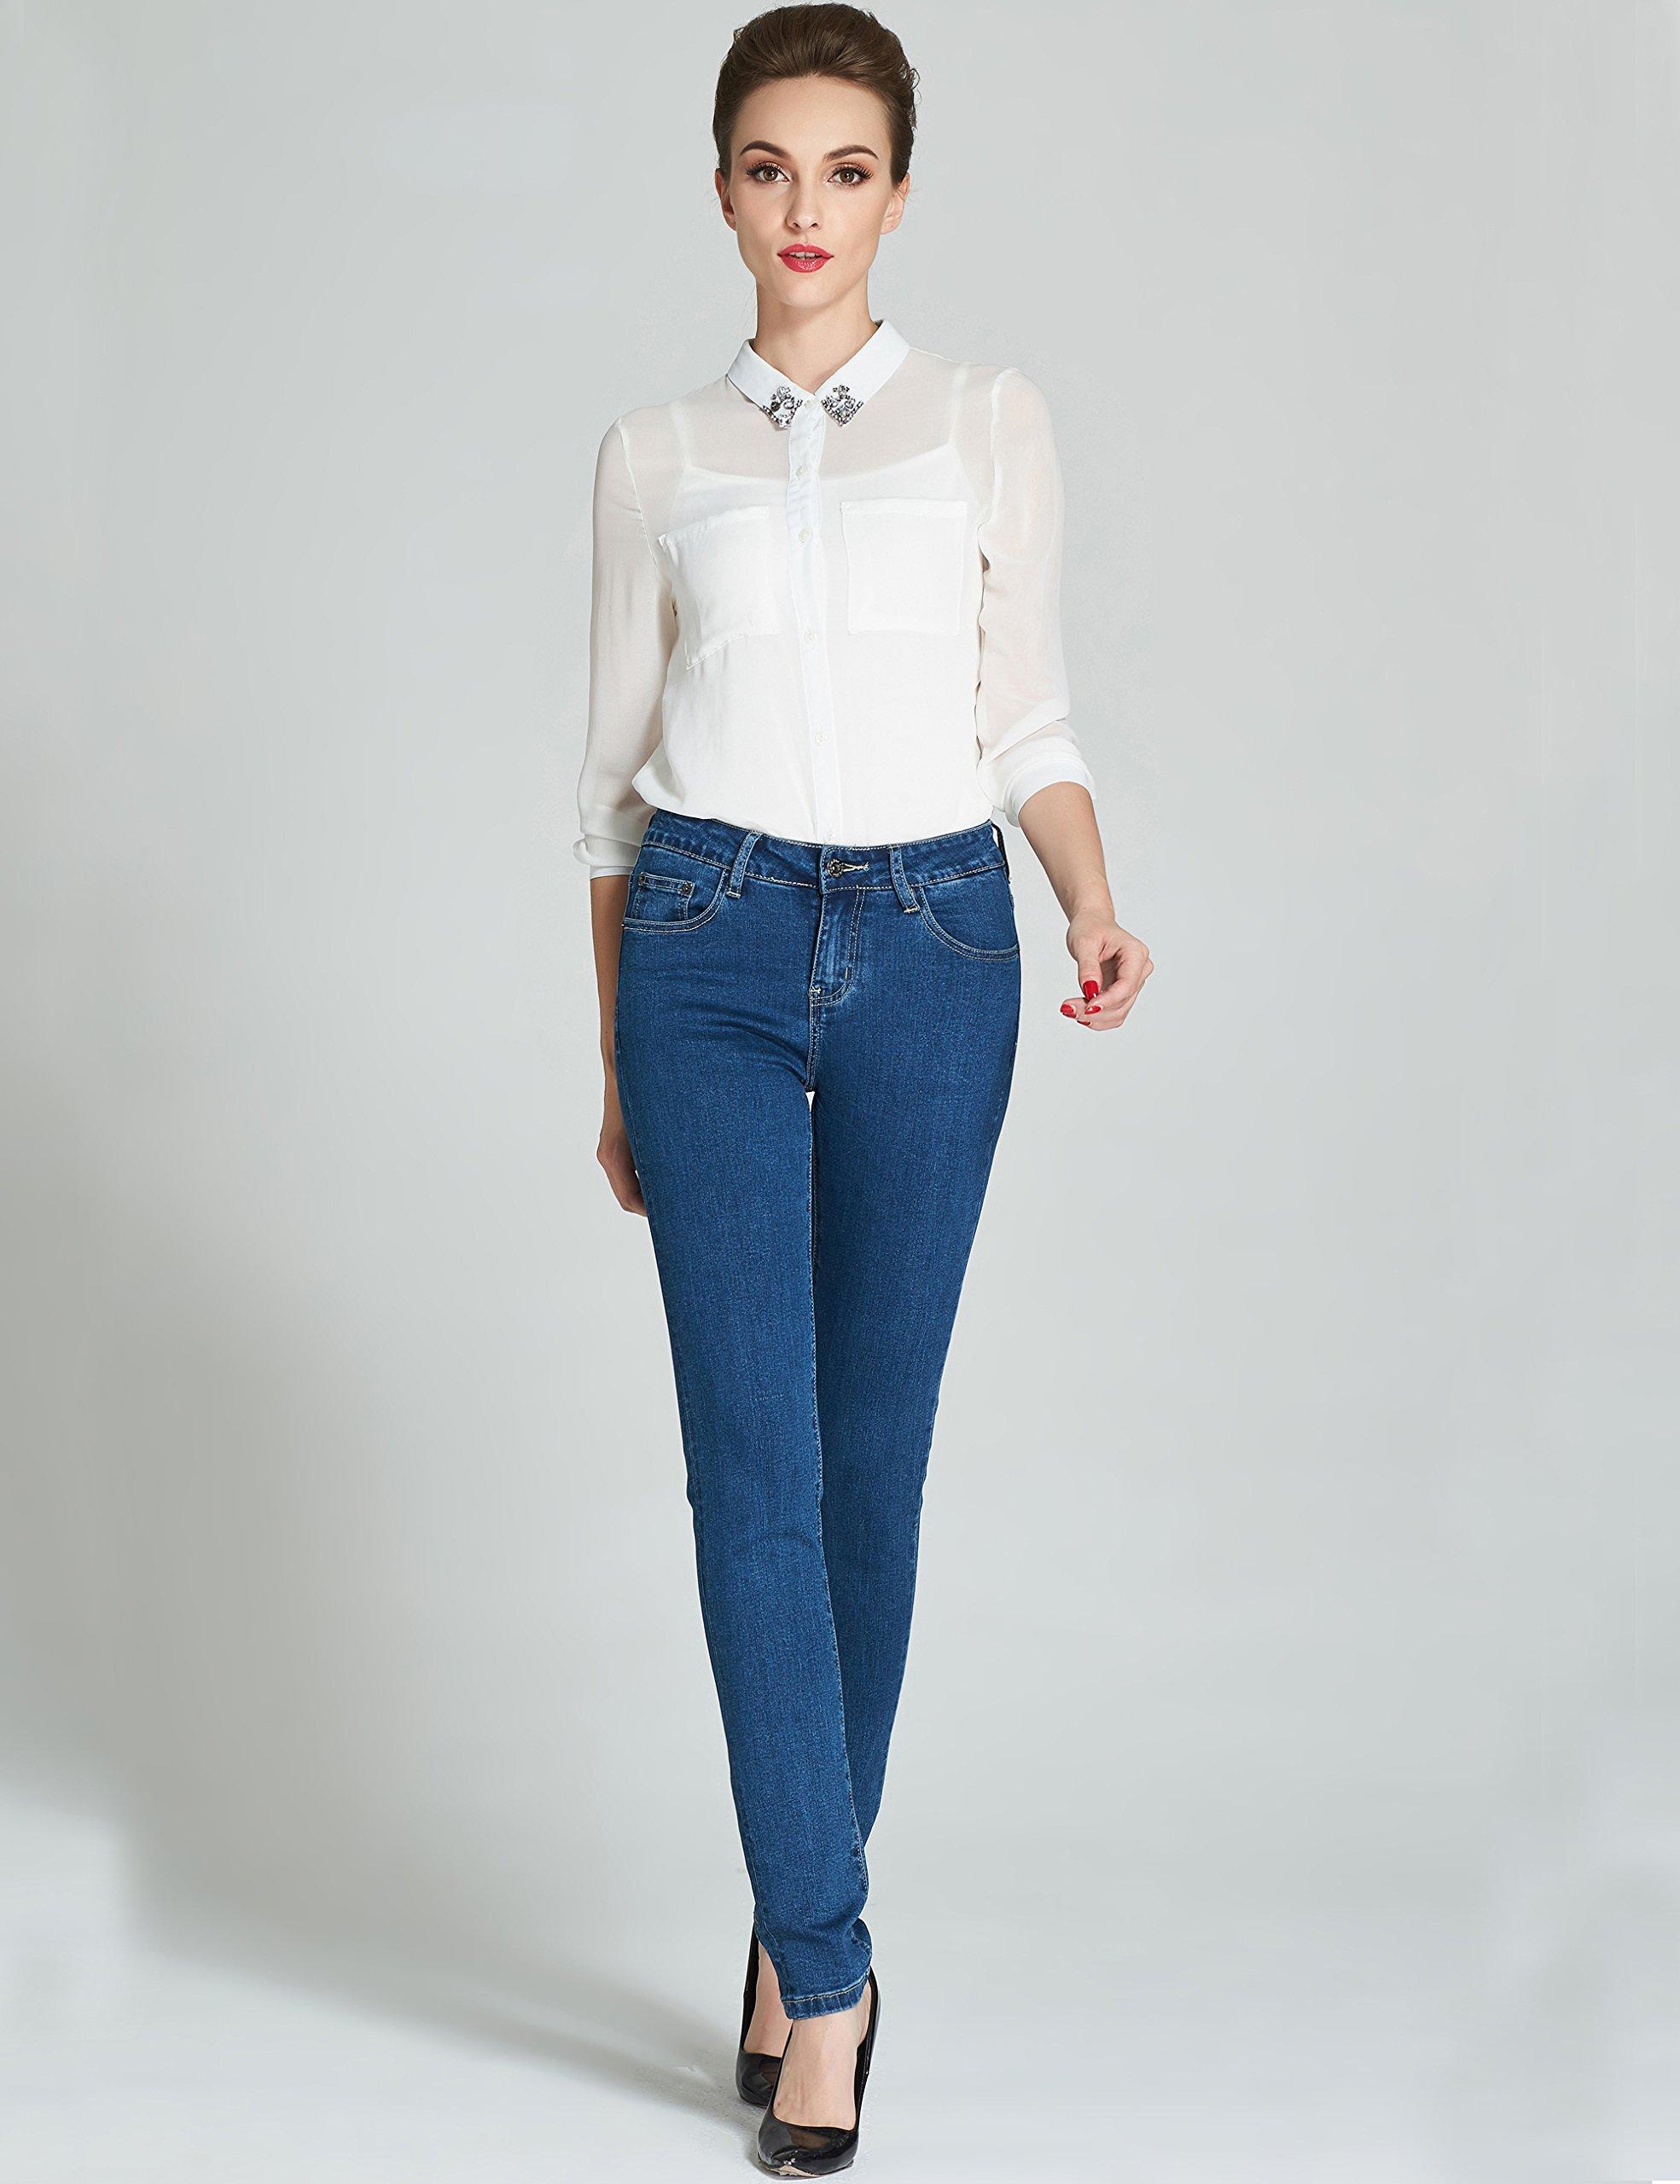 Camii Mia Pantalones Vaqueros Pitillo Skinny Elásticos Básico de Mujer